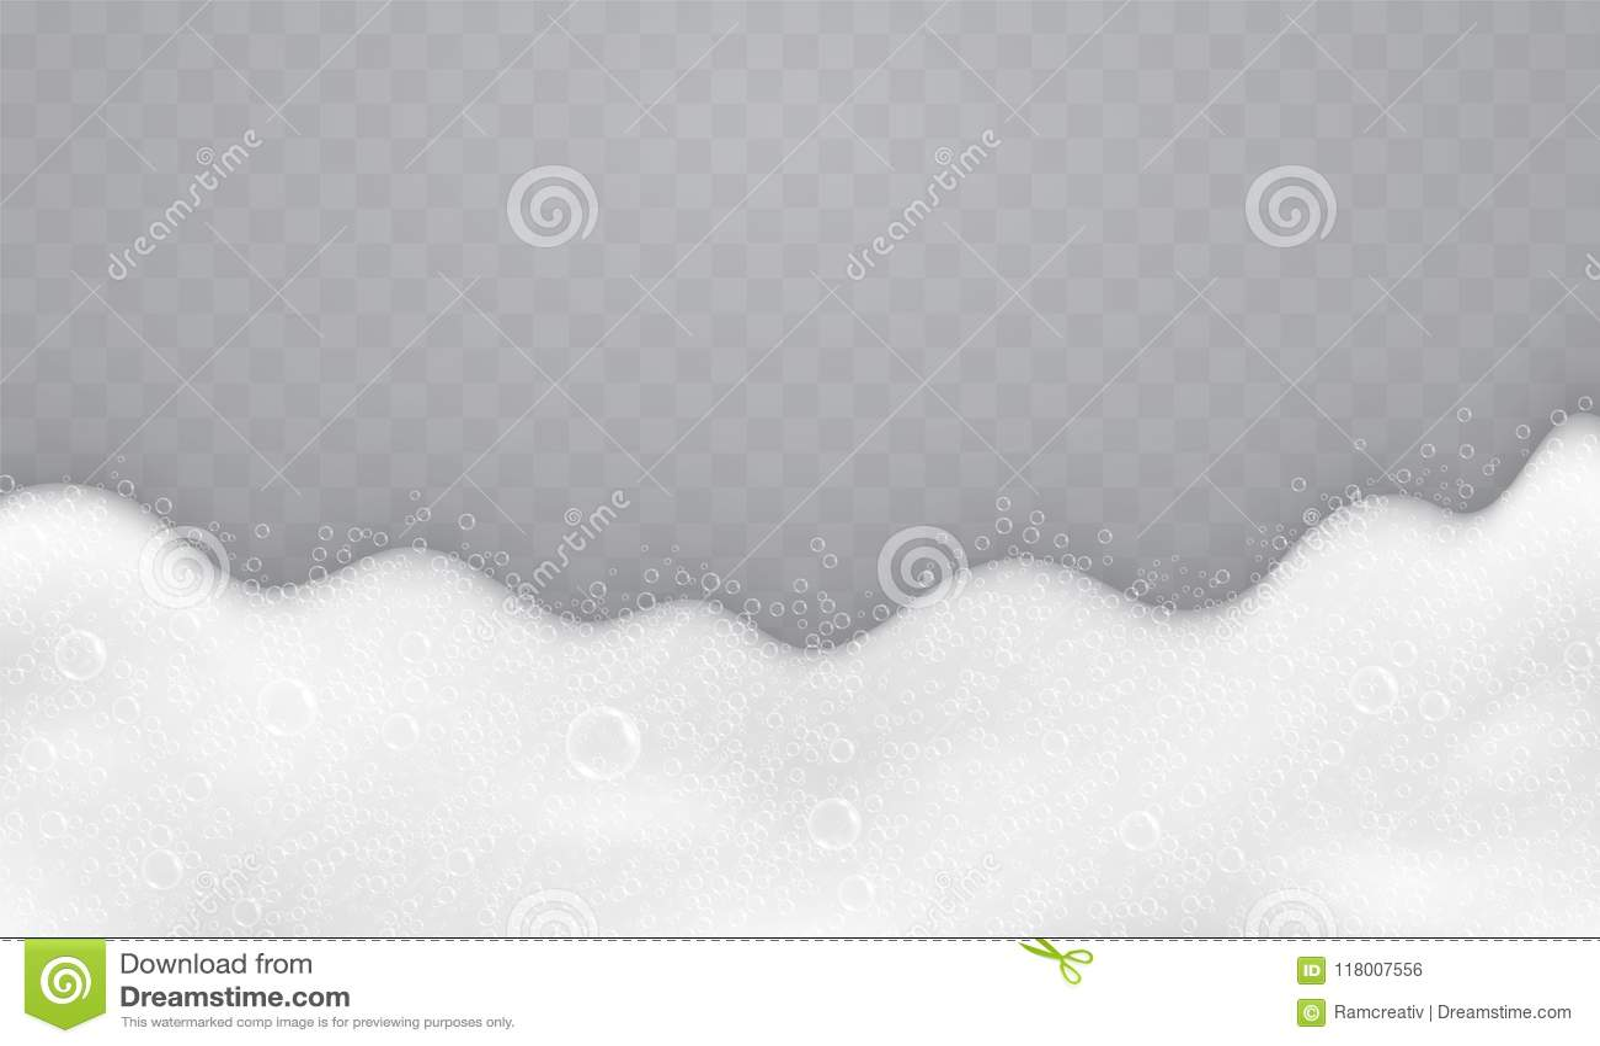 Αφρός με τις φυσαλίδες σαπουνιών, τοπ άποψη Ροή του σαπουνιού και των σαμπουάν